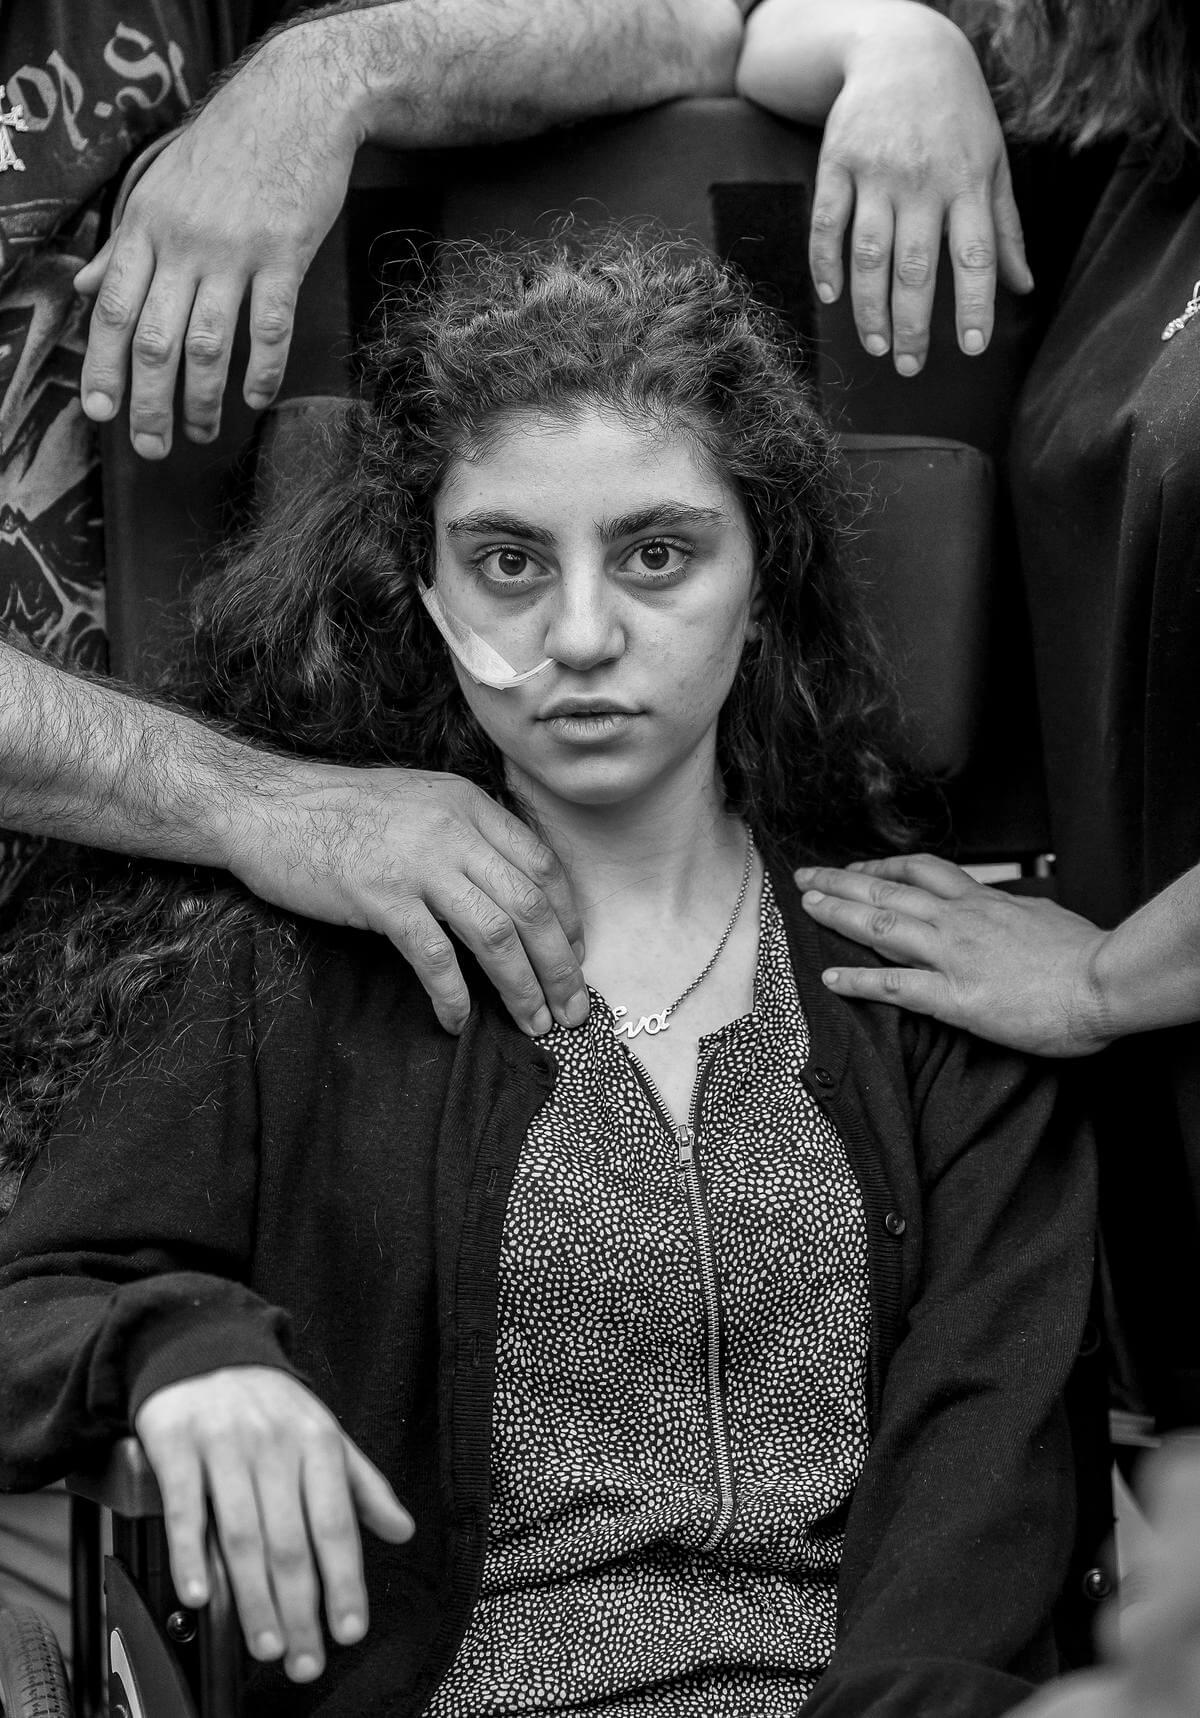 在波蘭難民接收中心,一位十五歲亞美尼亞少女從「放棄生存症候群」(Resignation Syndrome)的昏迷狀態中清醒過來。(攝影:Tomek Kaczor/選舉報)